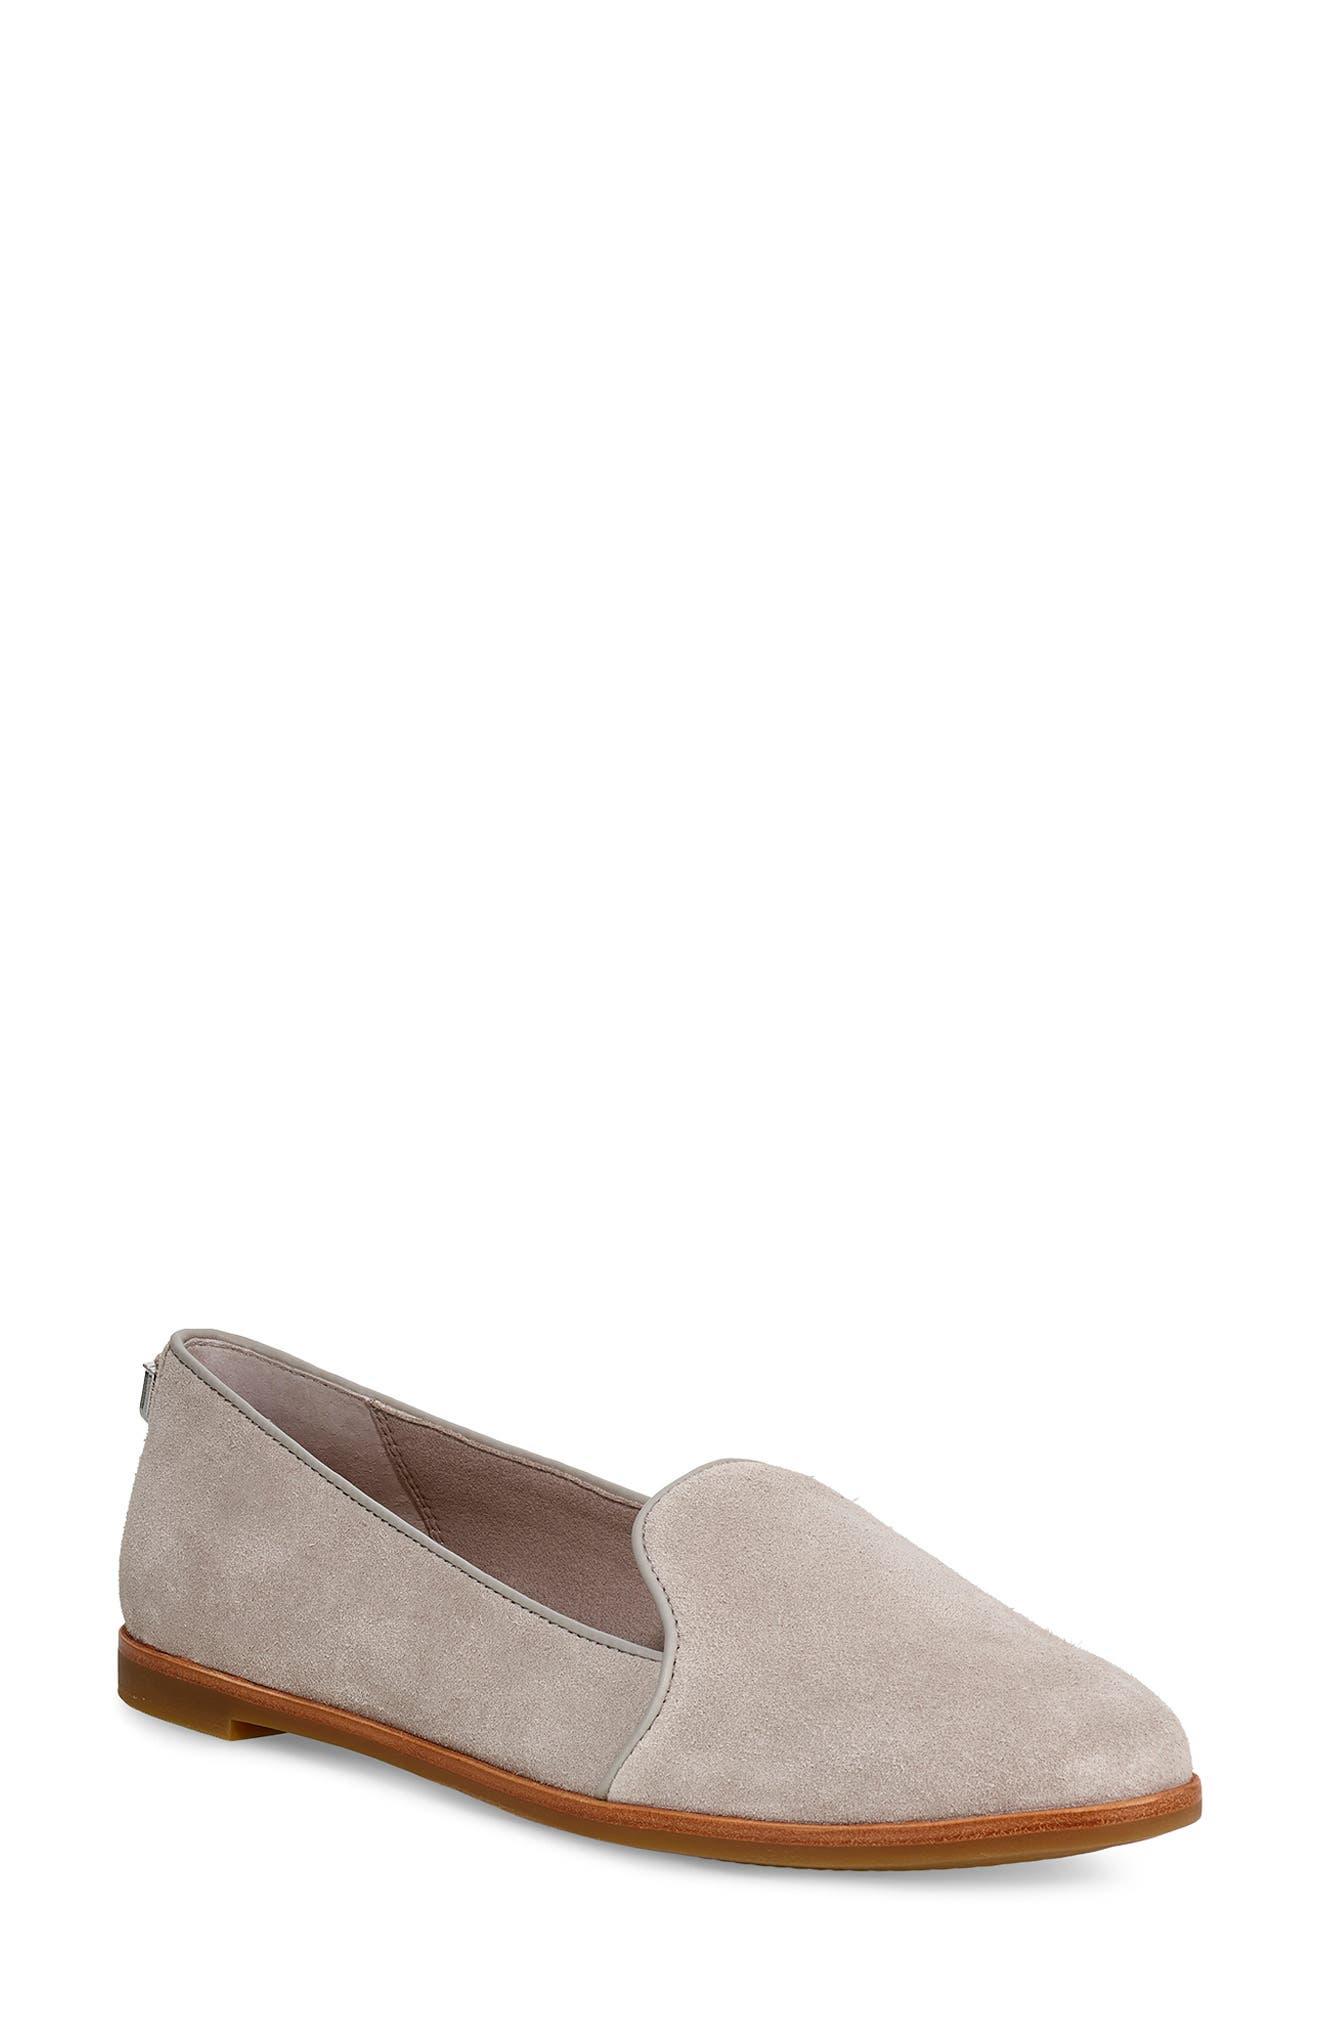 Ugg Bonnie Loafer Flat - Grey